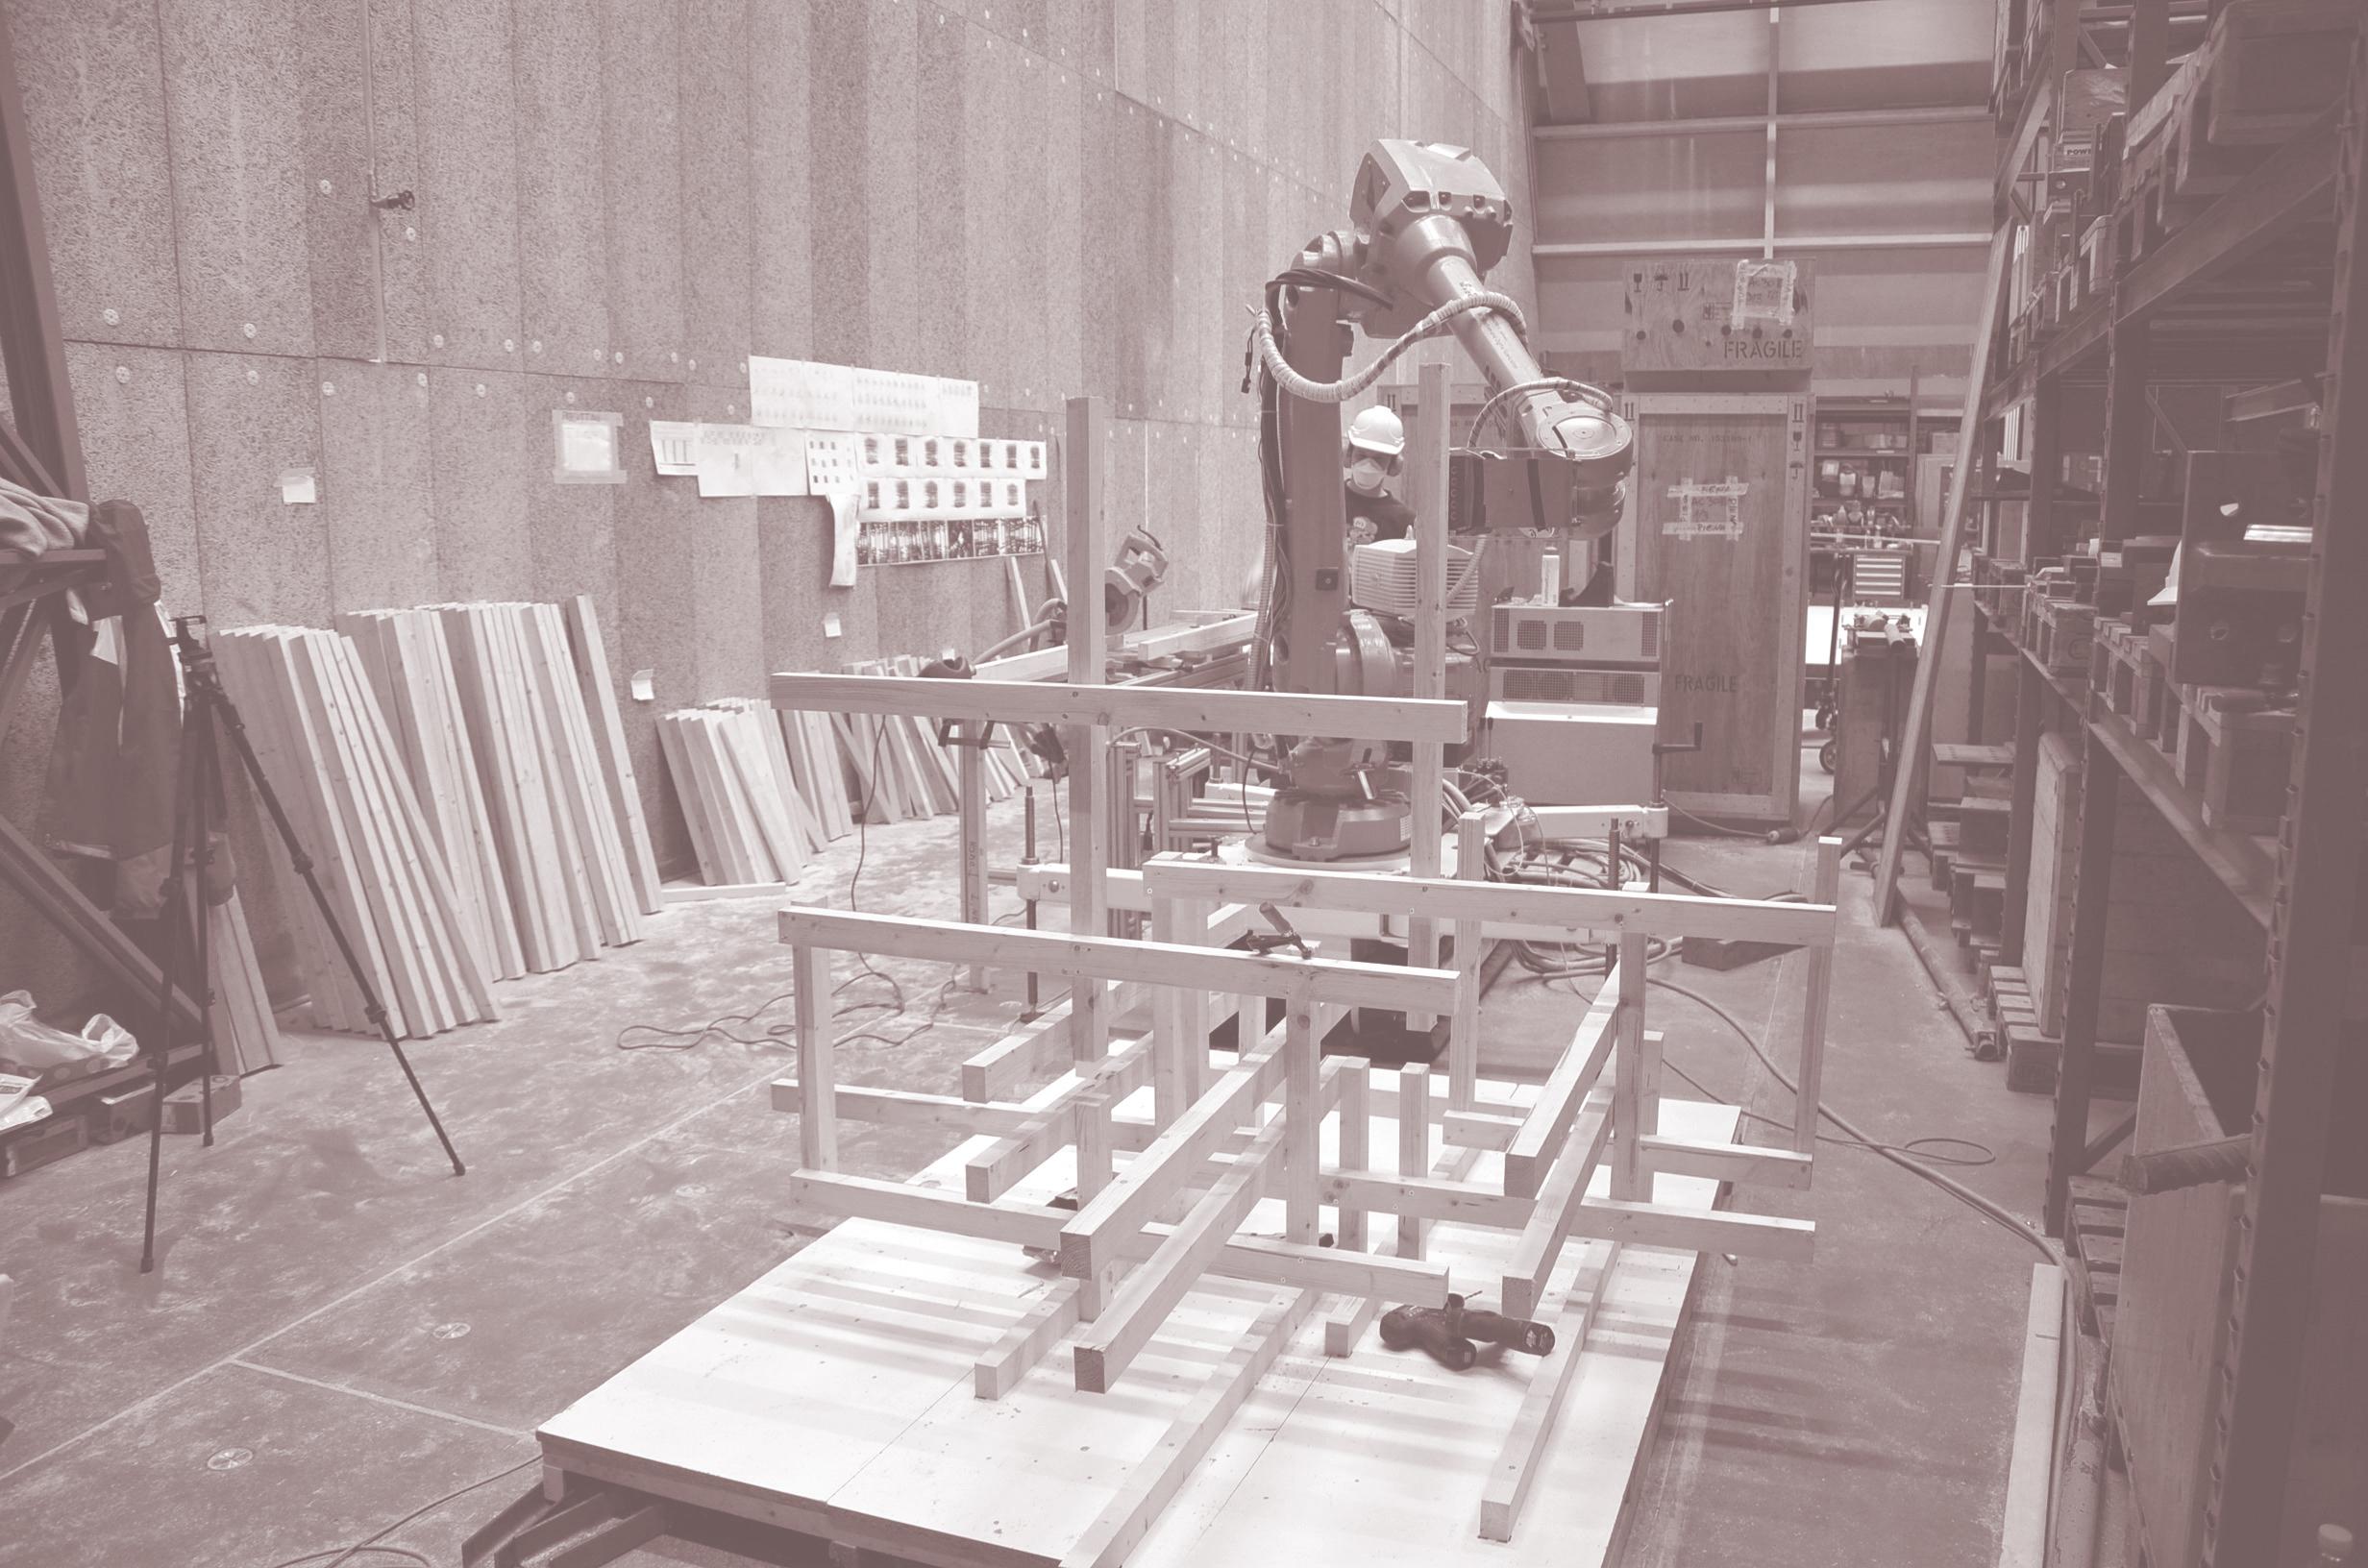 130129_163_Production_LP_229_PR